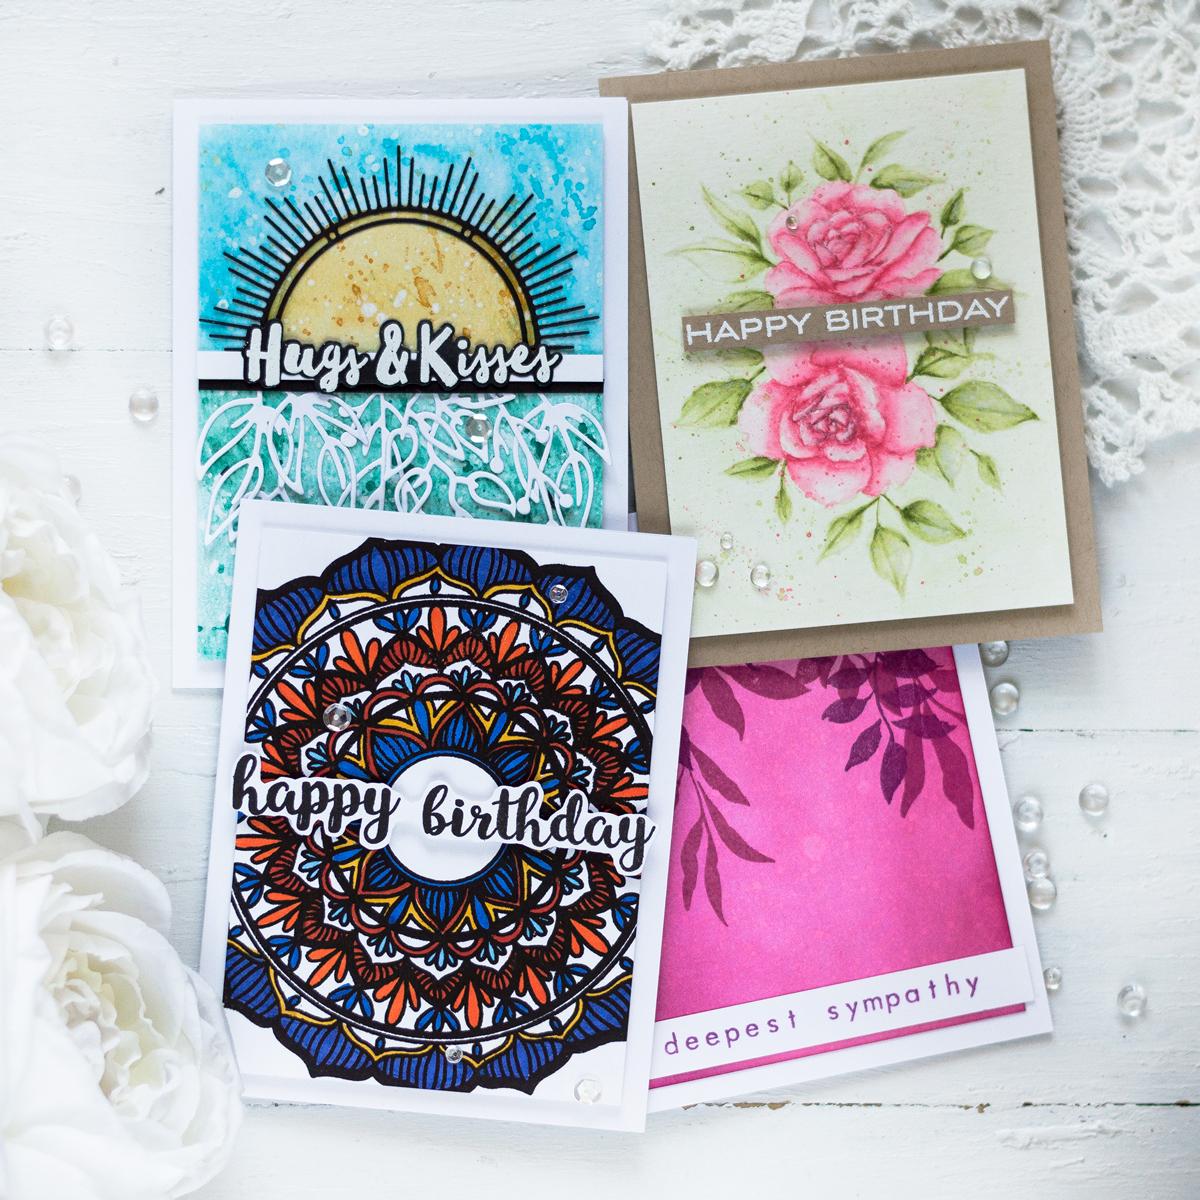 Altenew June 2019 Stamp/Die/Stencil Release Blog Hop + Giveaway